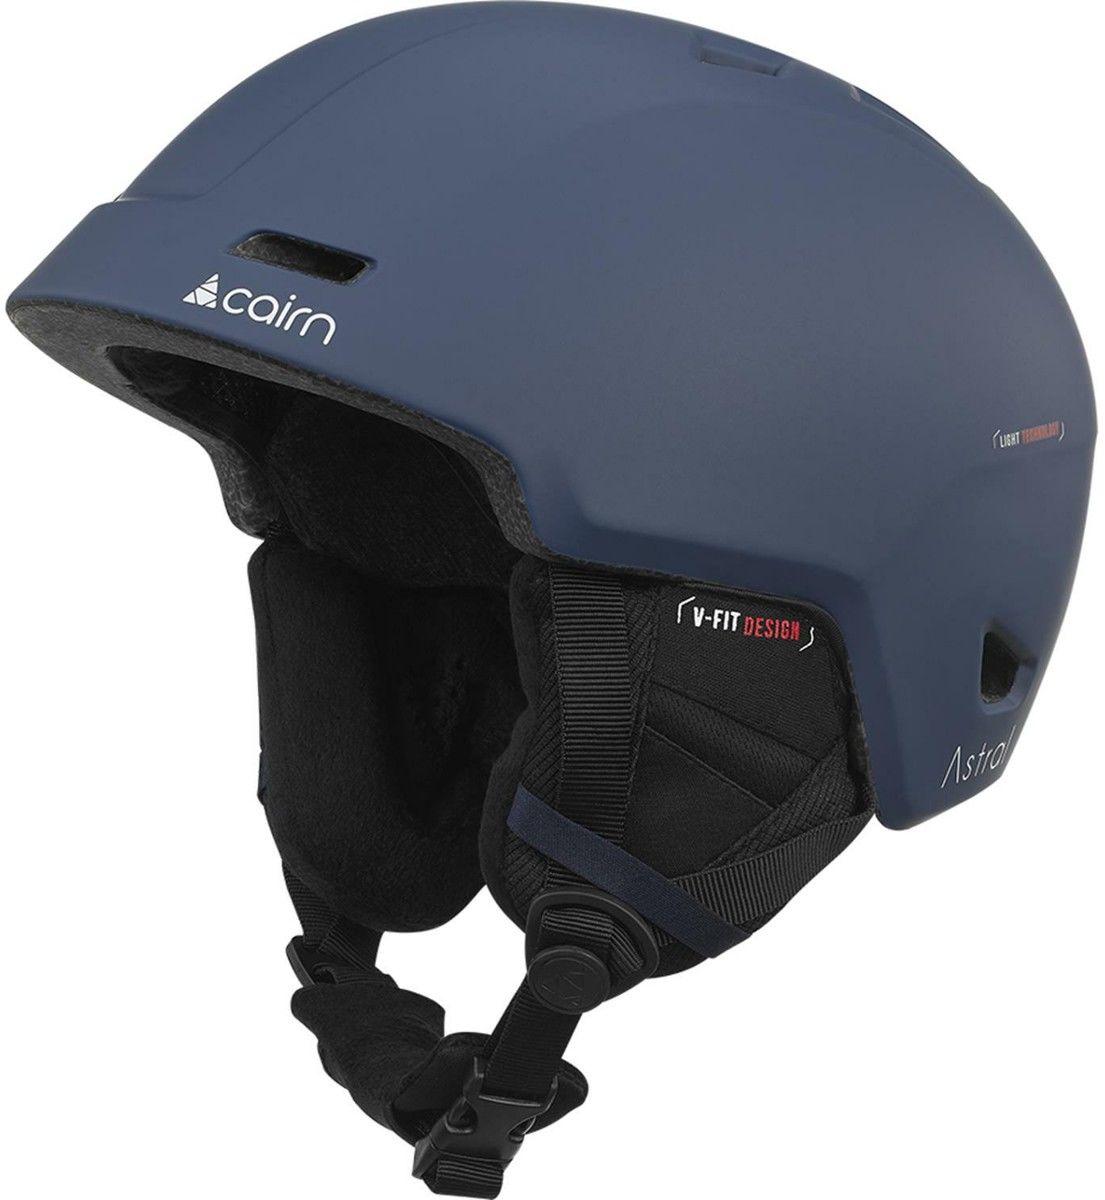 CAIRN kask zimowy narciarski/snowboardowy ASTRAL granatowy Rozmiar: 61-62,060614090